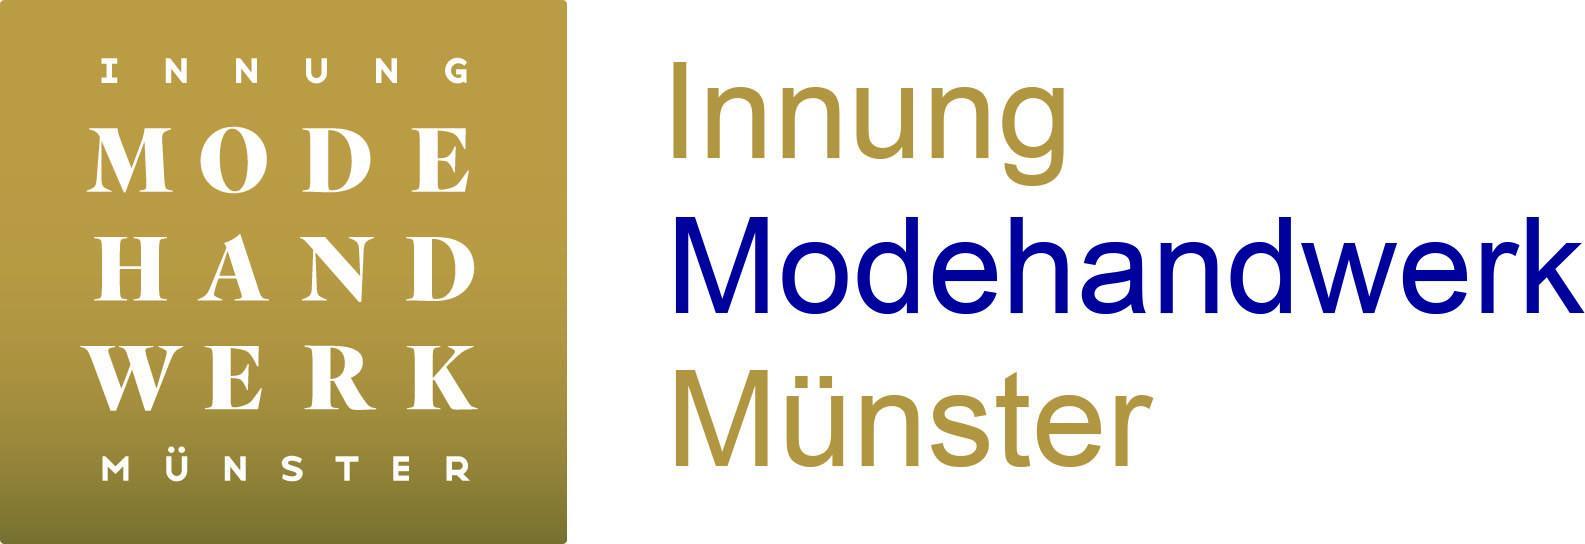 Innung Modehandwerk Münster